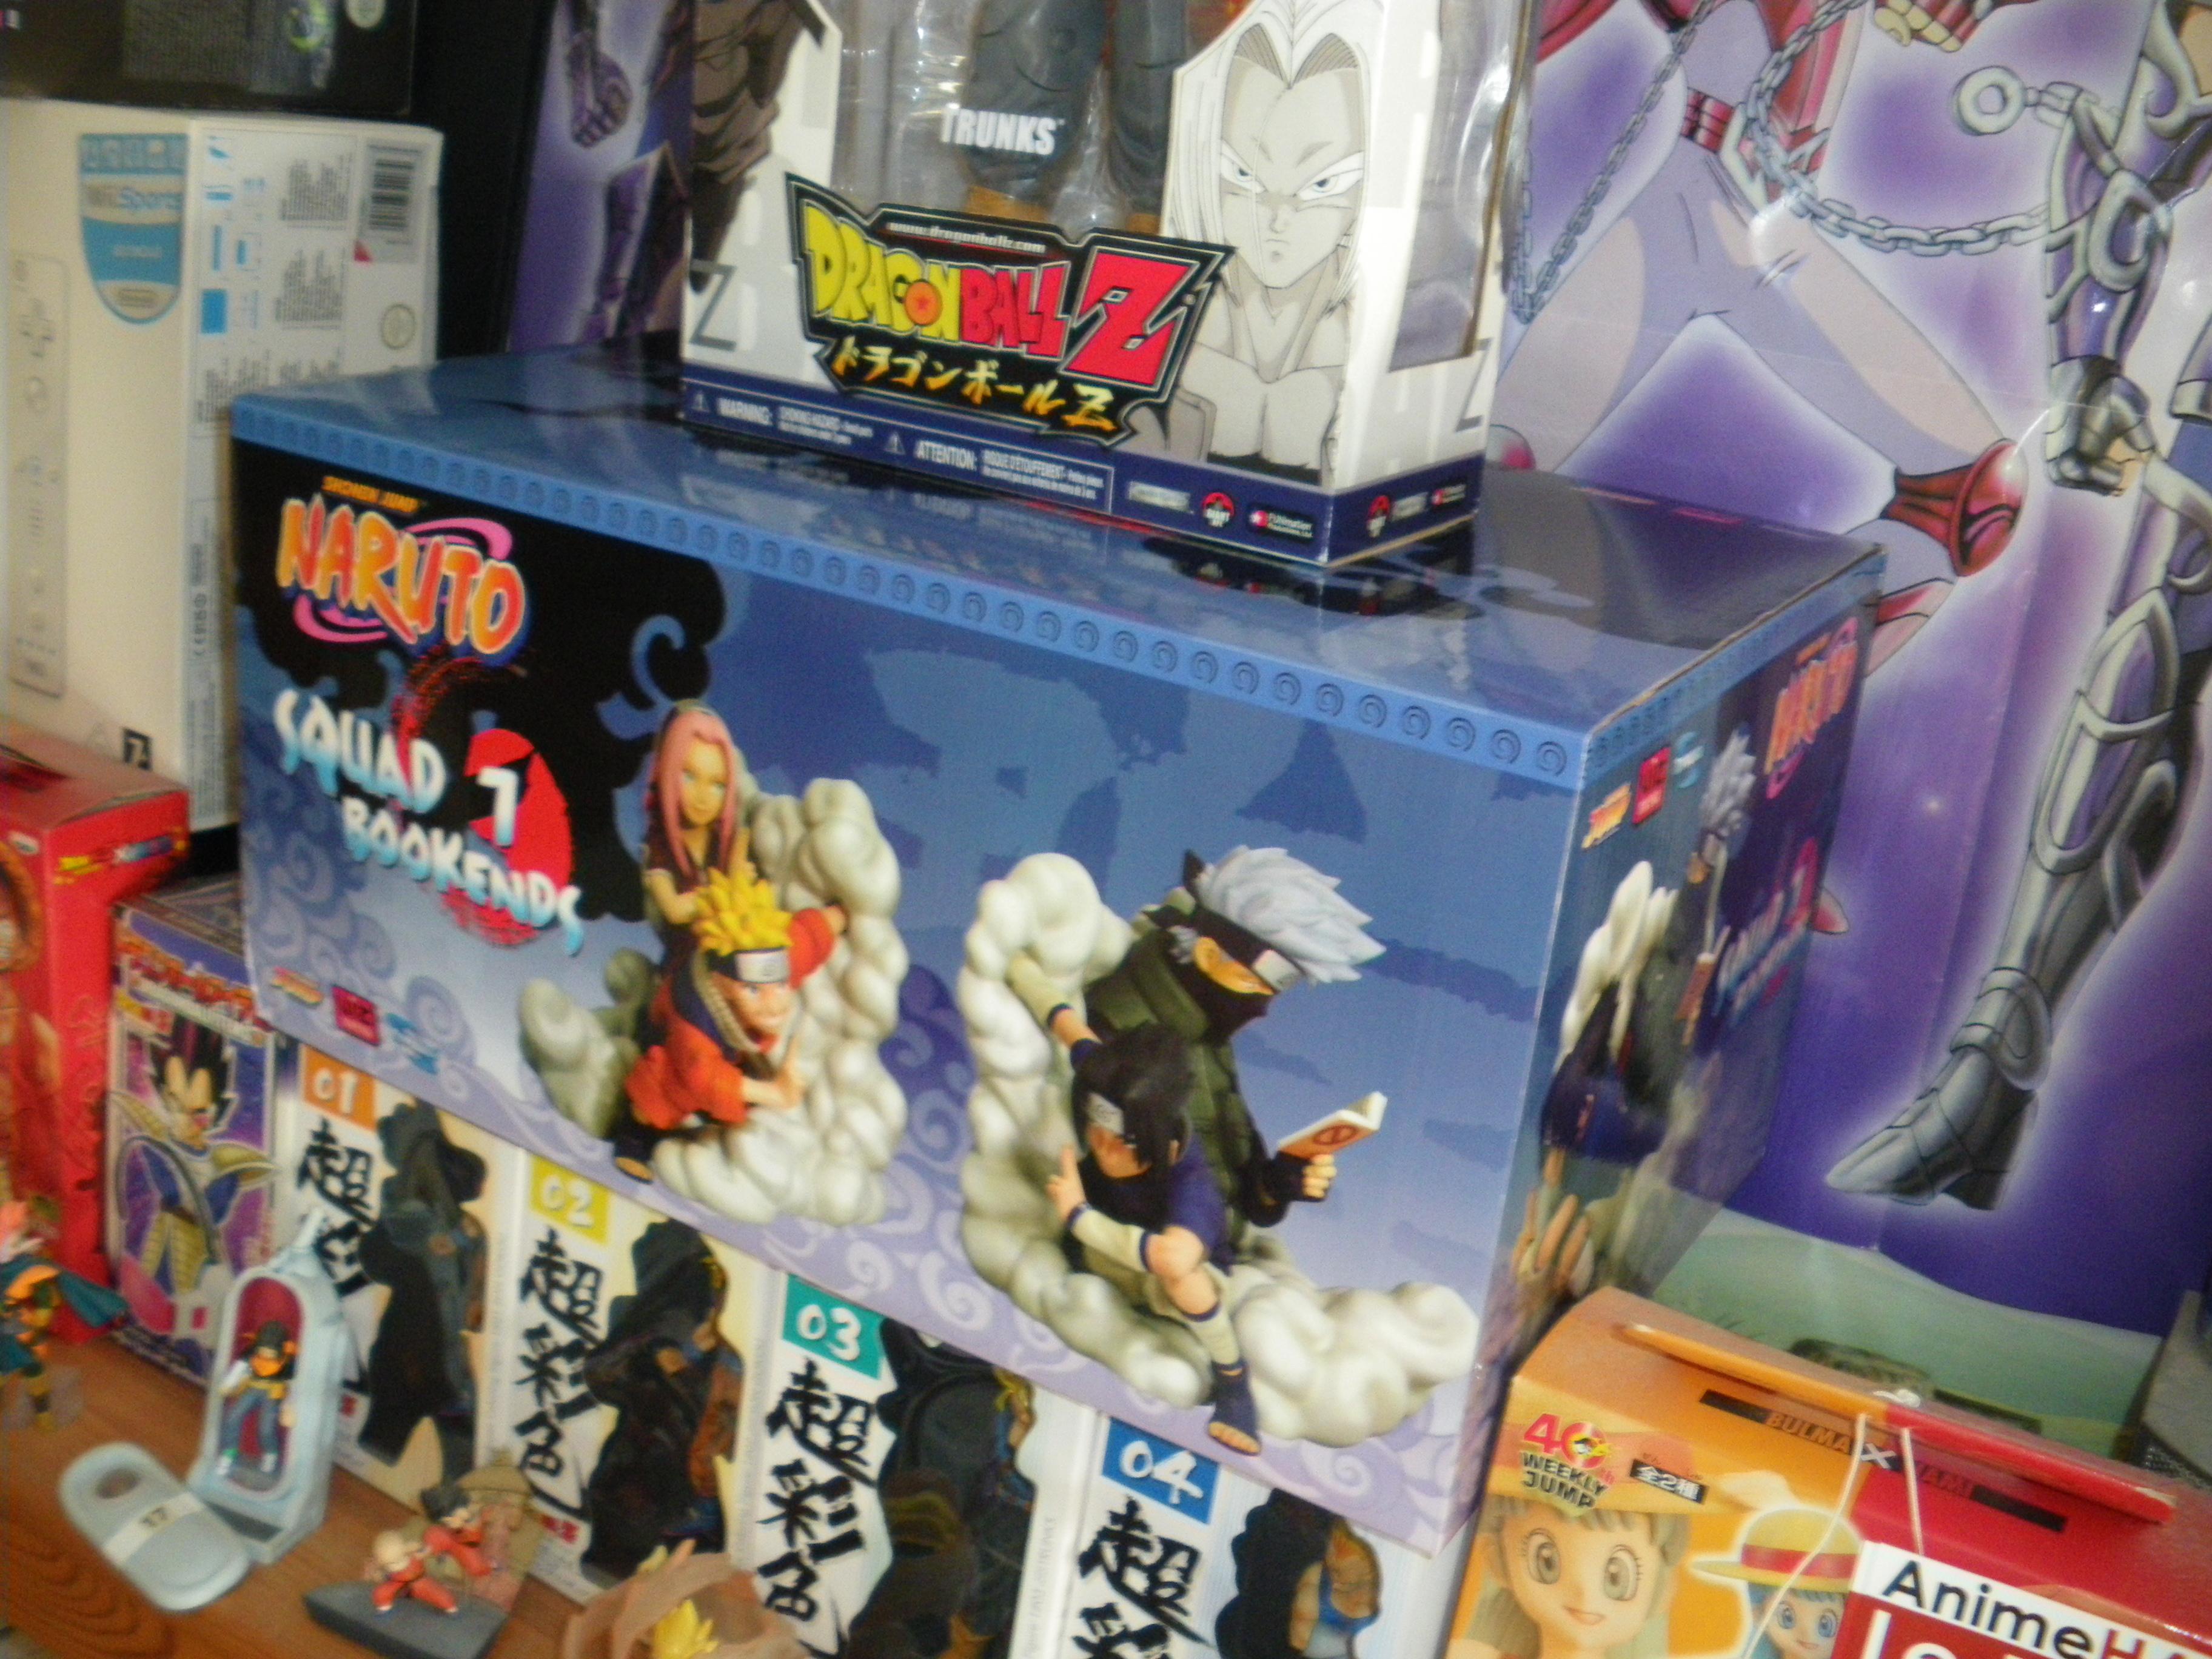 Serre livres Naruto Collector piece 1476 sur 2000 dans le monde ...